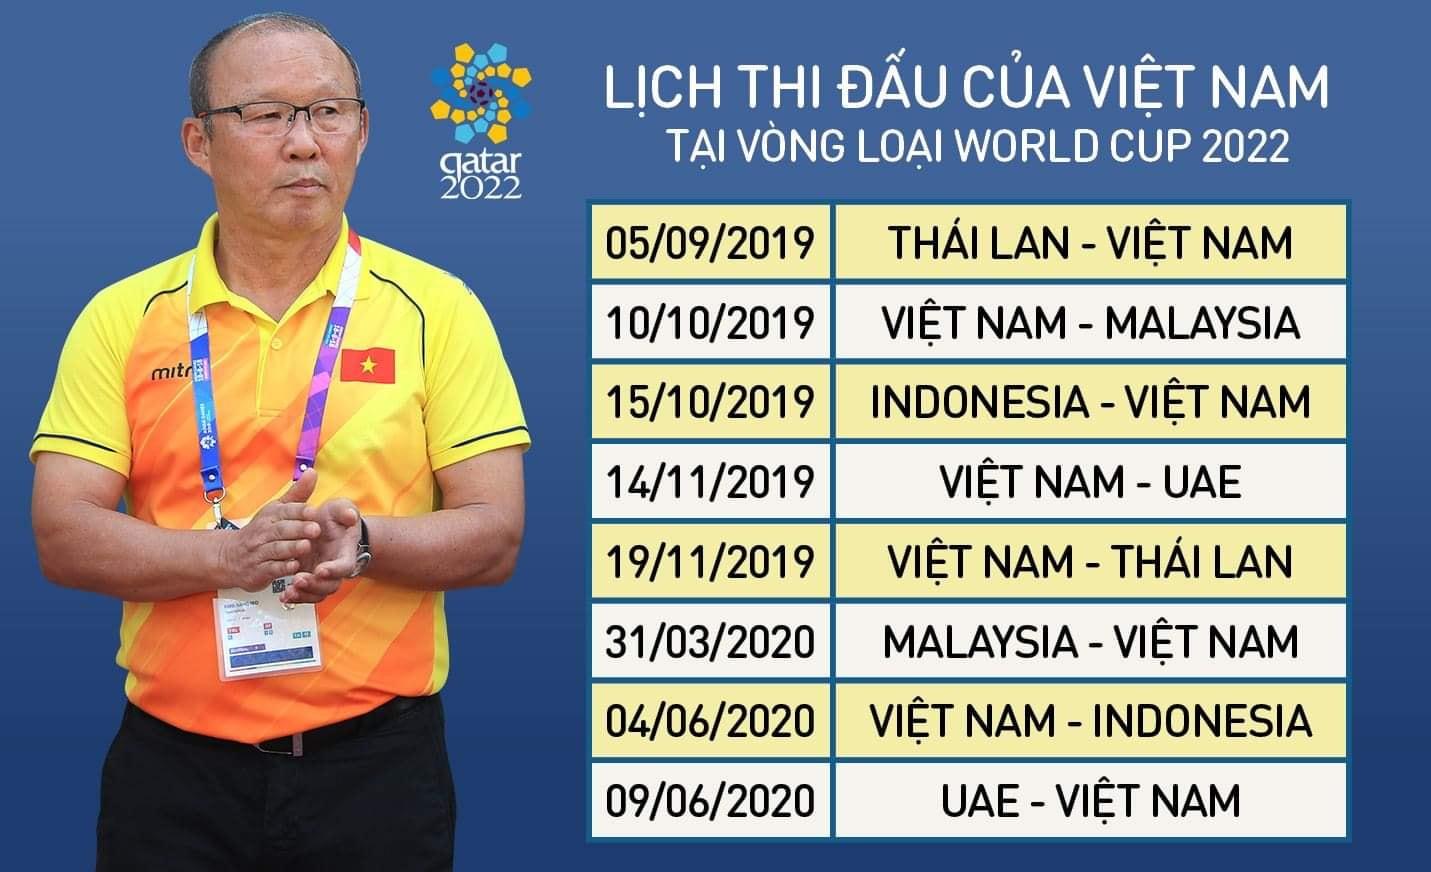 tin tuc,bong da, bóng đá Việt Nam, lịch thi đấu bóng đá hôm nay, lịch trực tiếp bóng đá hôm nay, tuyển Việt Nam, Thái Lan, Vòng loại World Cup